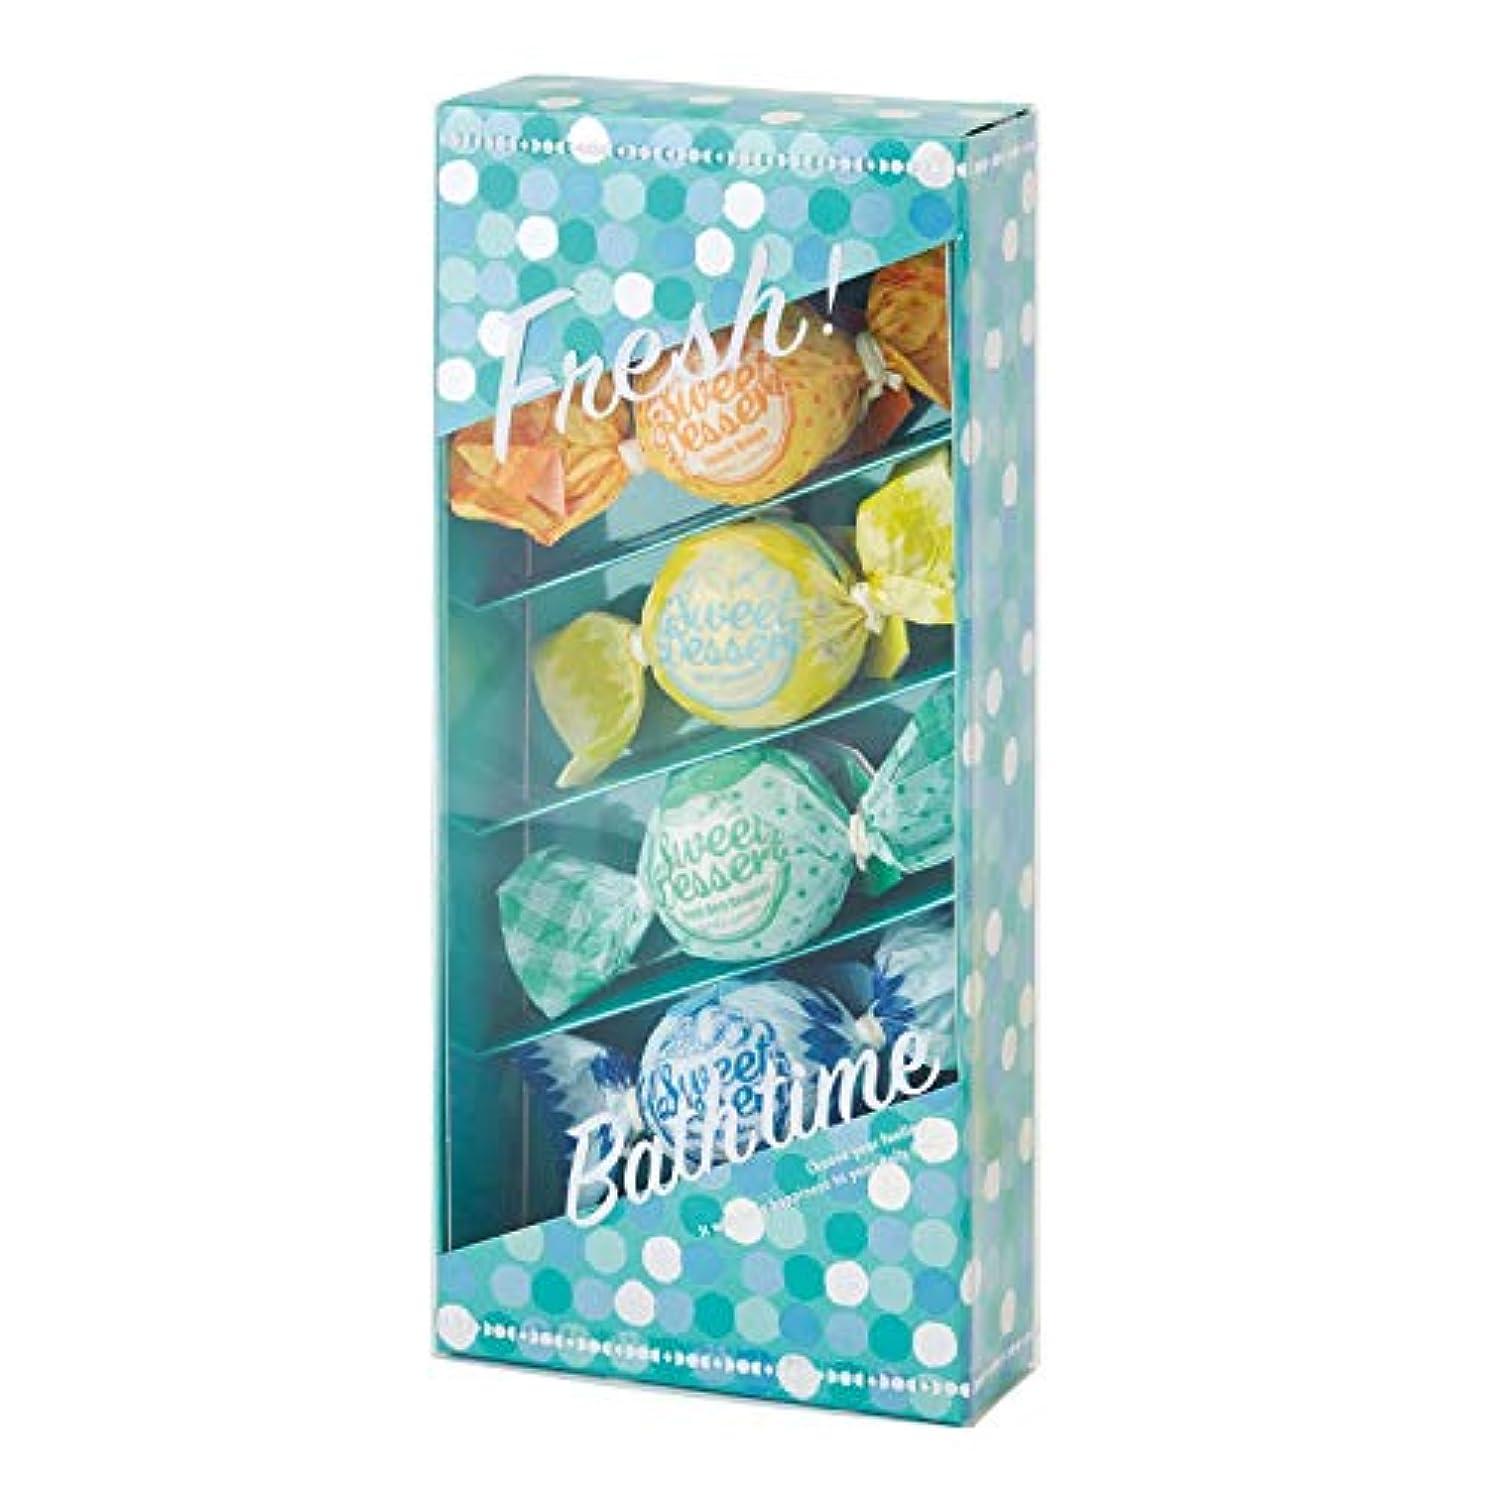 追跡メディックジョージハンブリーアマイワナ バスキャンディー4粒ギフトセット フレッシュ (発泡入浴料 バスギフト)